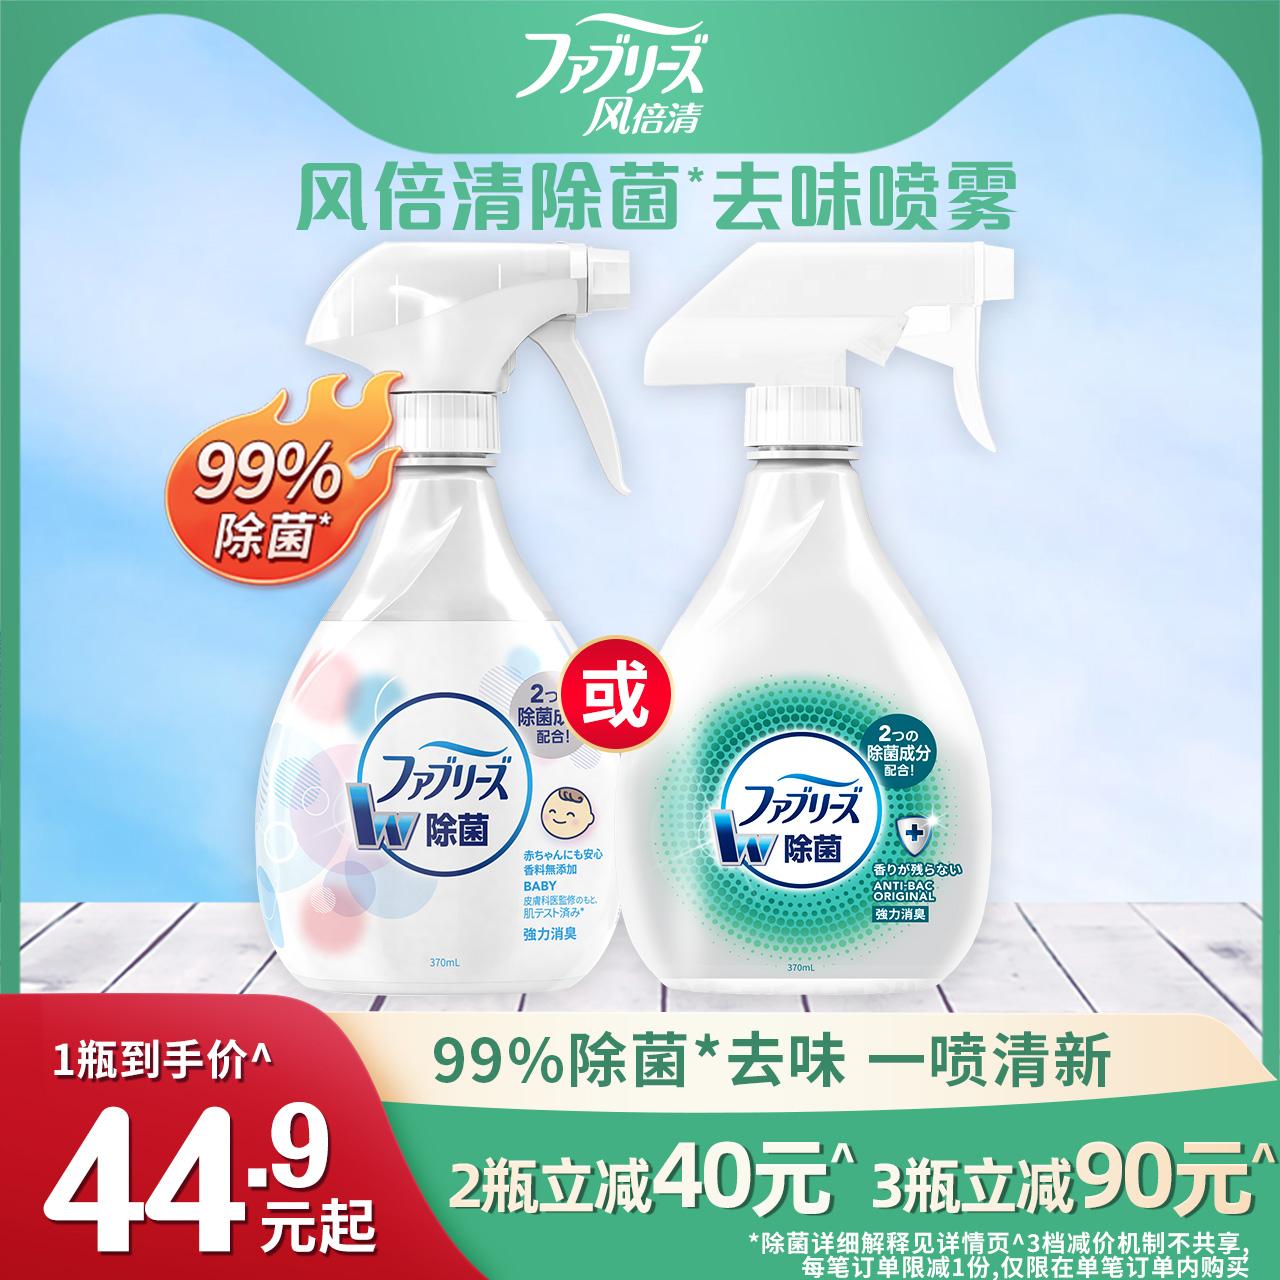 宝洁风倍清织物除菌喷雾370ml单瓶鞋子衣物除臭59.9元